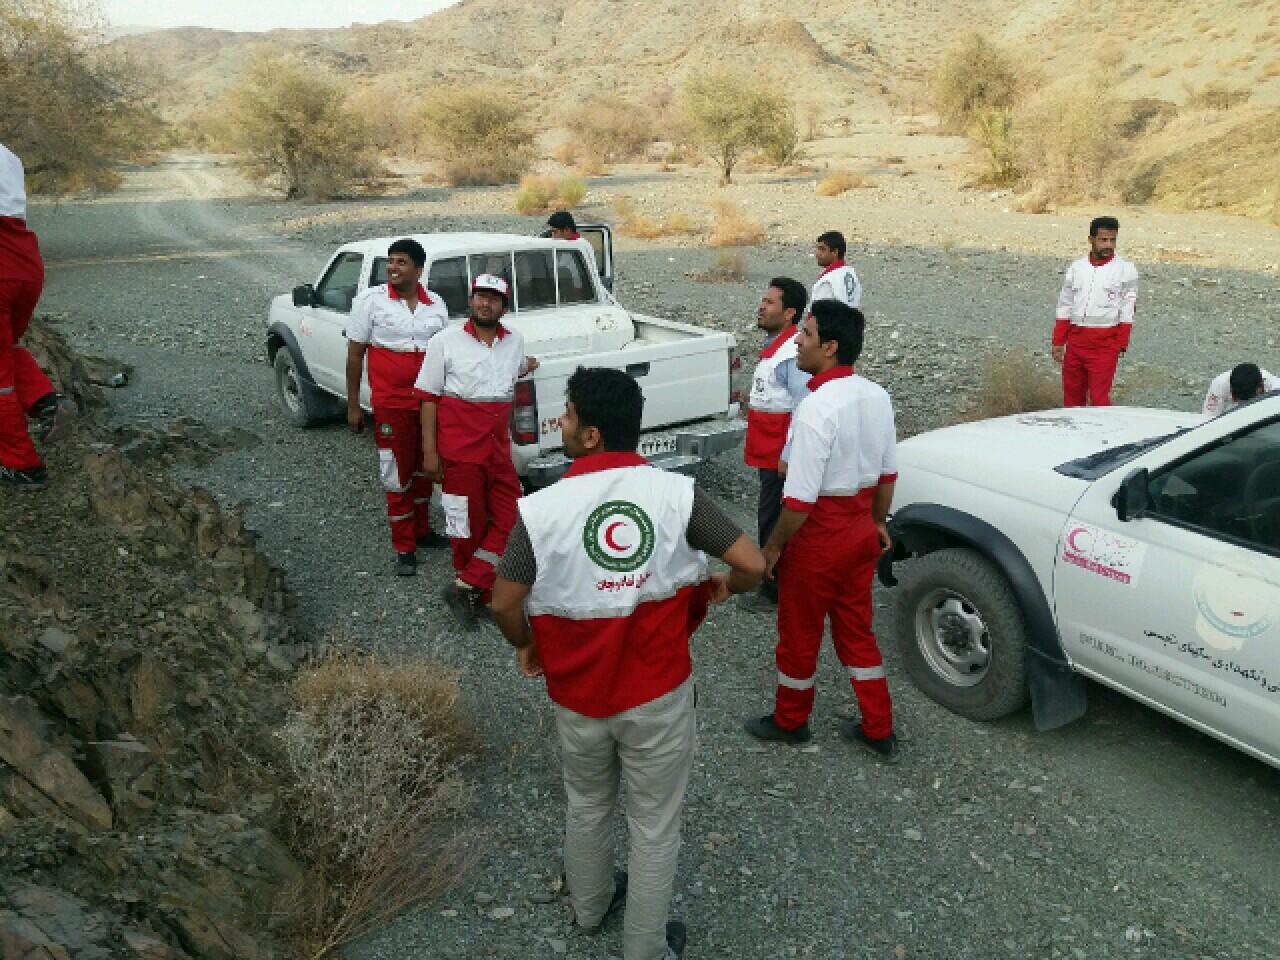 آخرین خبر از سرنوشت کودک گمشده منوجانی/ جستجو برای یافتن کودک مفقود شده در منوجان پایان یافت